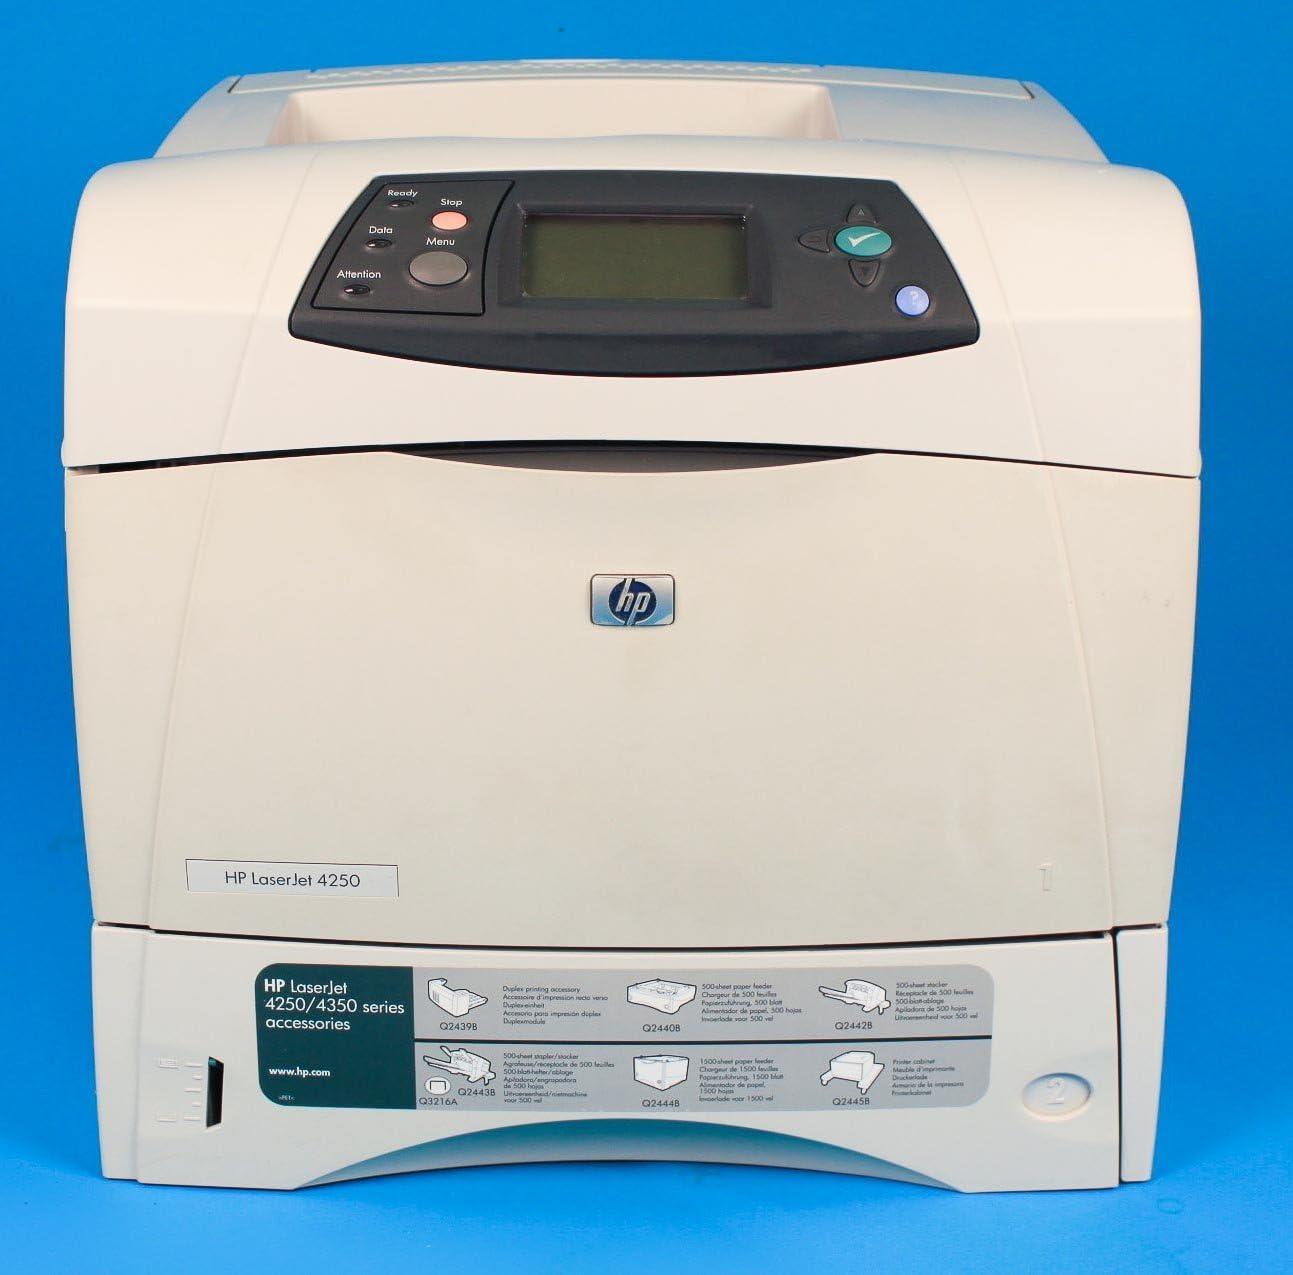 HP LaserJet 4250N 4250 Q5401A Laser Printer - (Renewed)